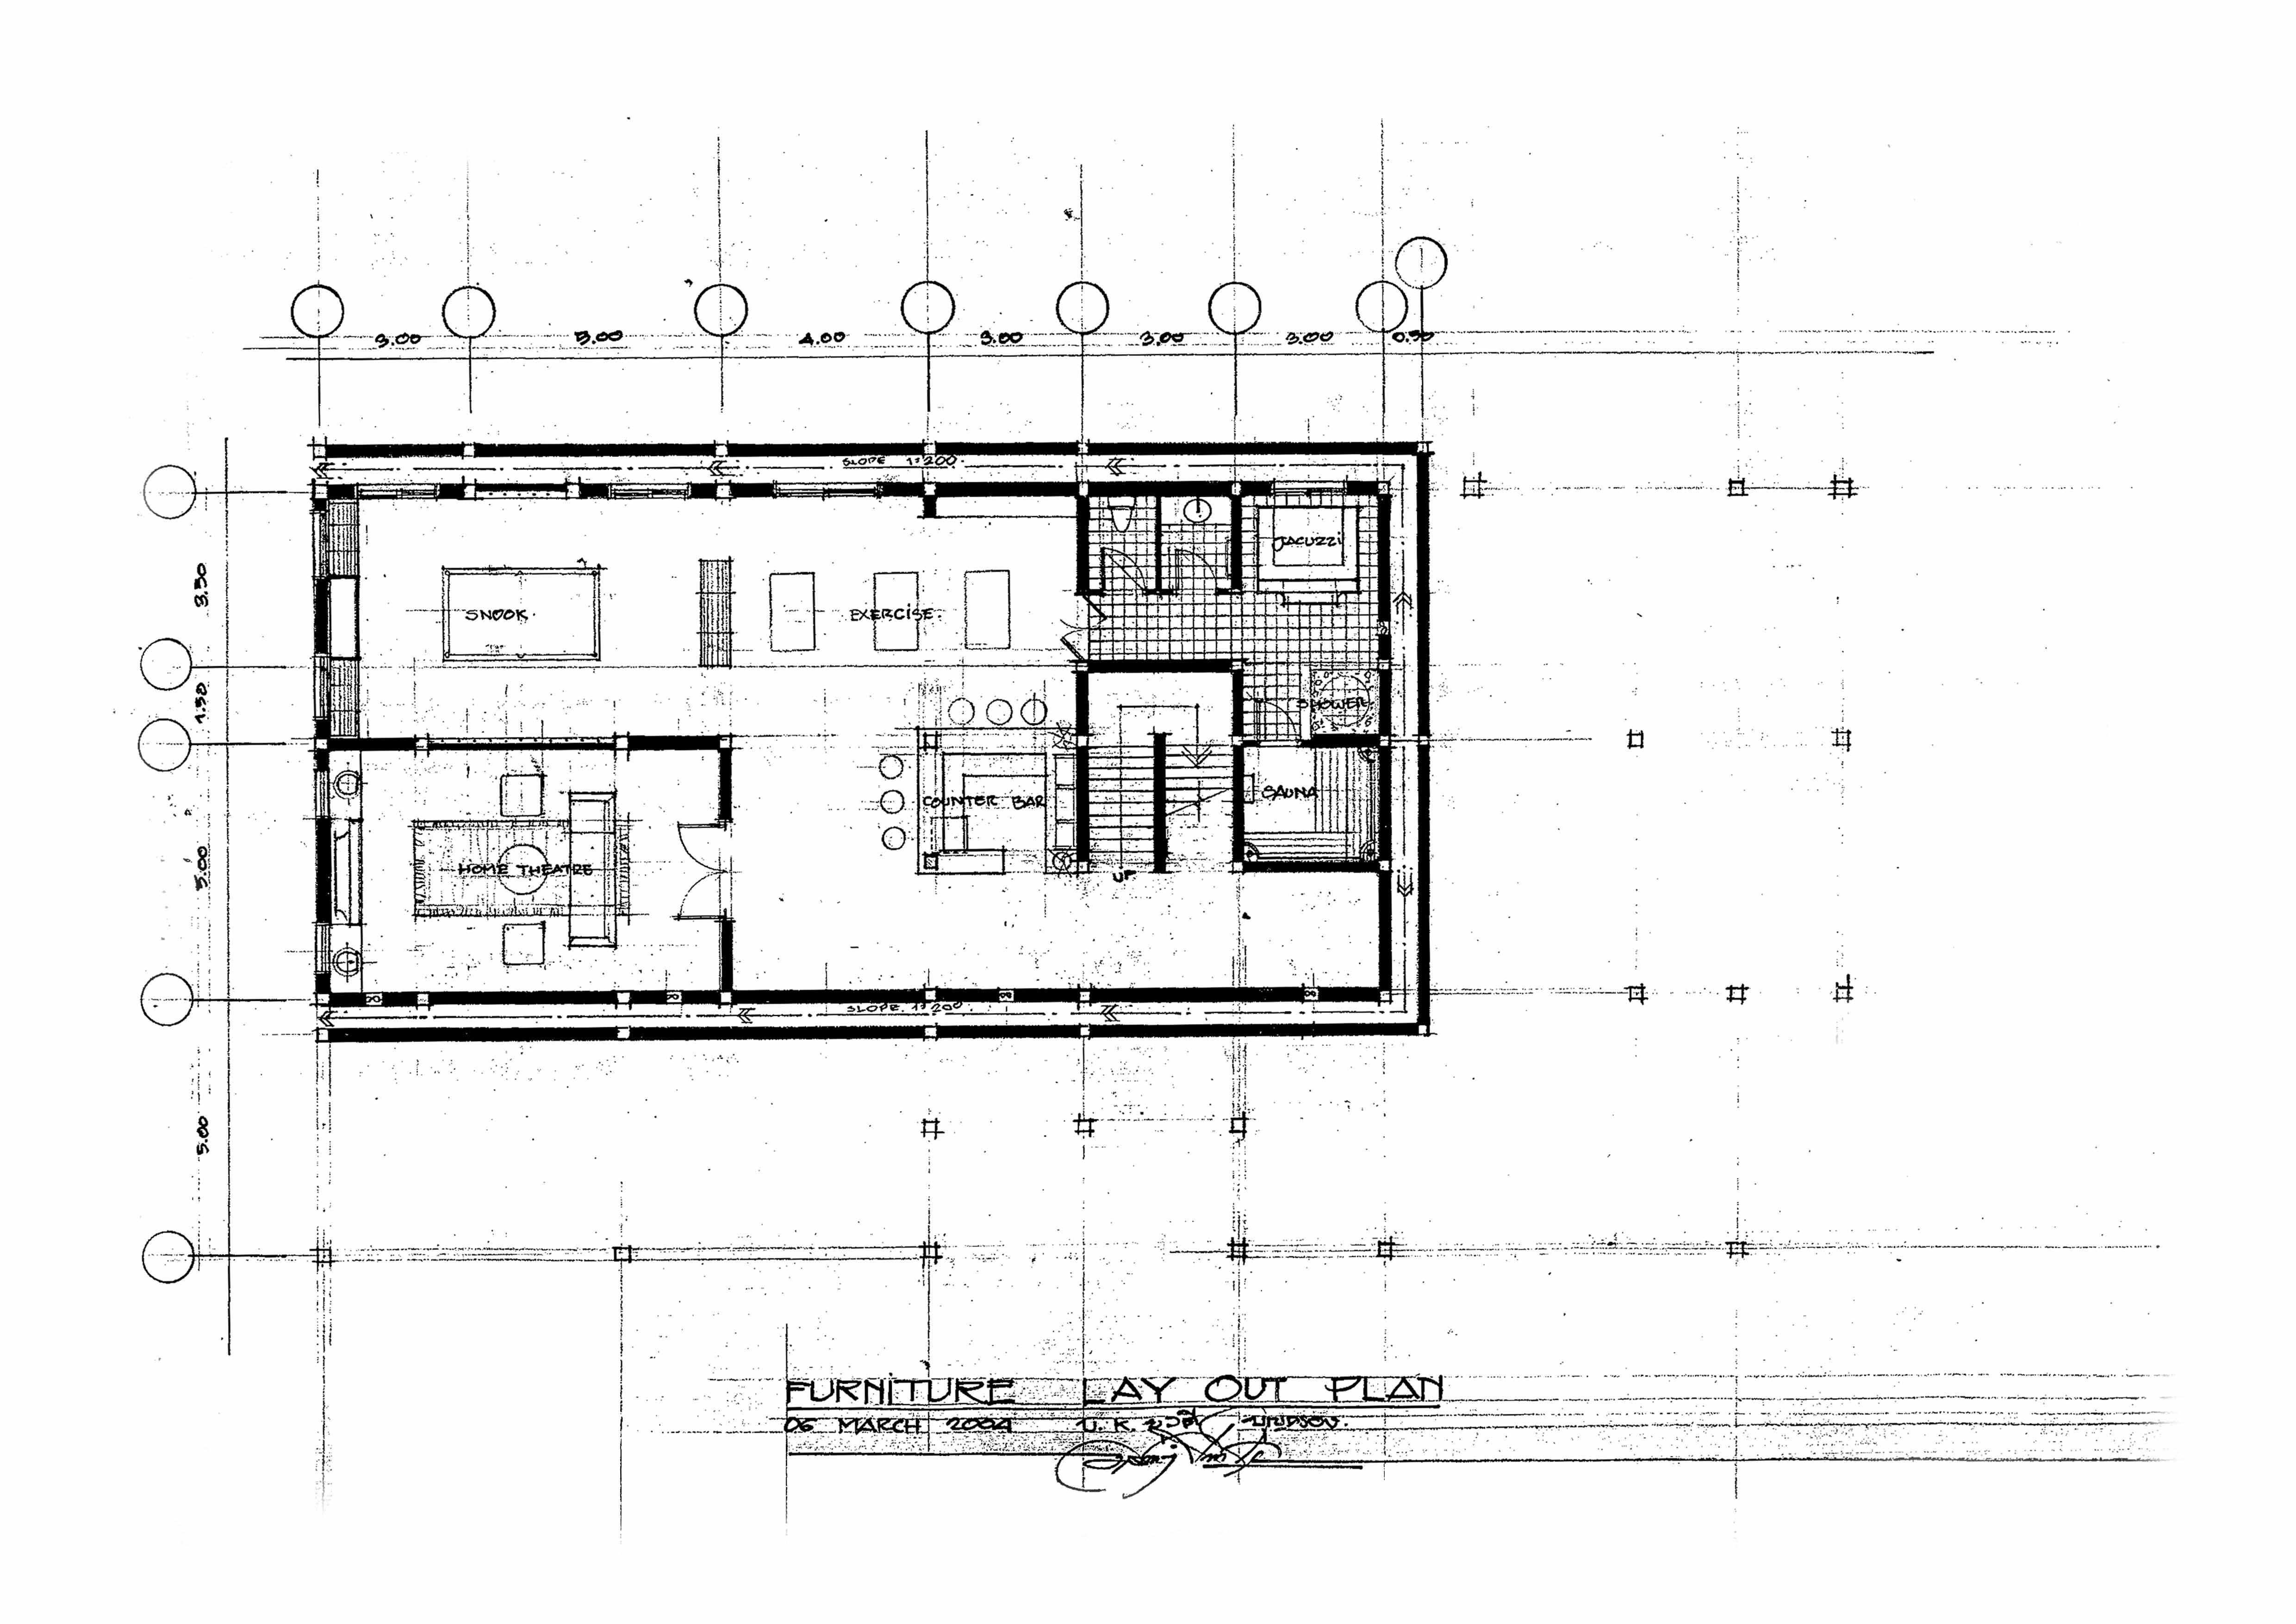 Bonanzabuilt-Portfolio-design11-2